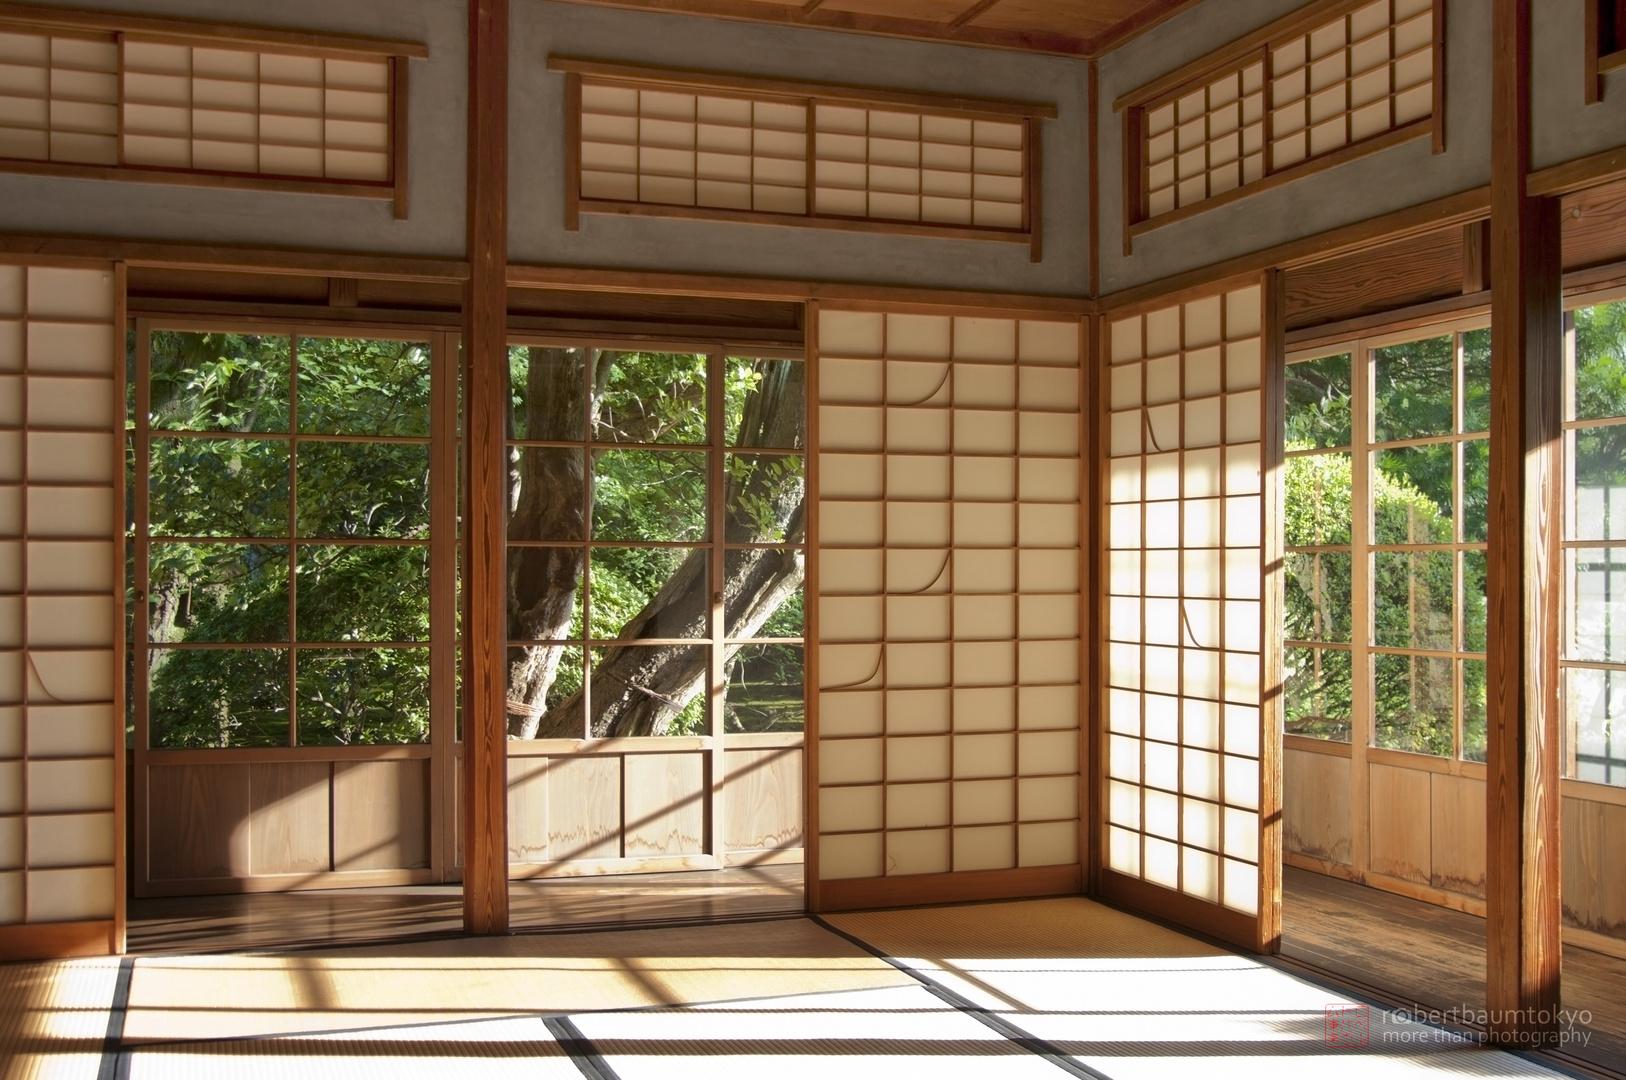 japanische architektur bauen mit licht und schatten foto bild asia japan east asia bilder. Black Bedroom Furniture Sets. Home Design Ideas